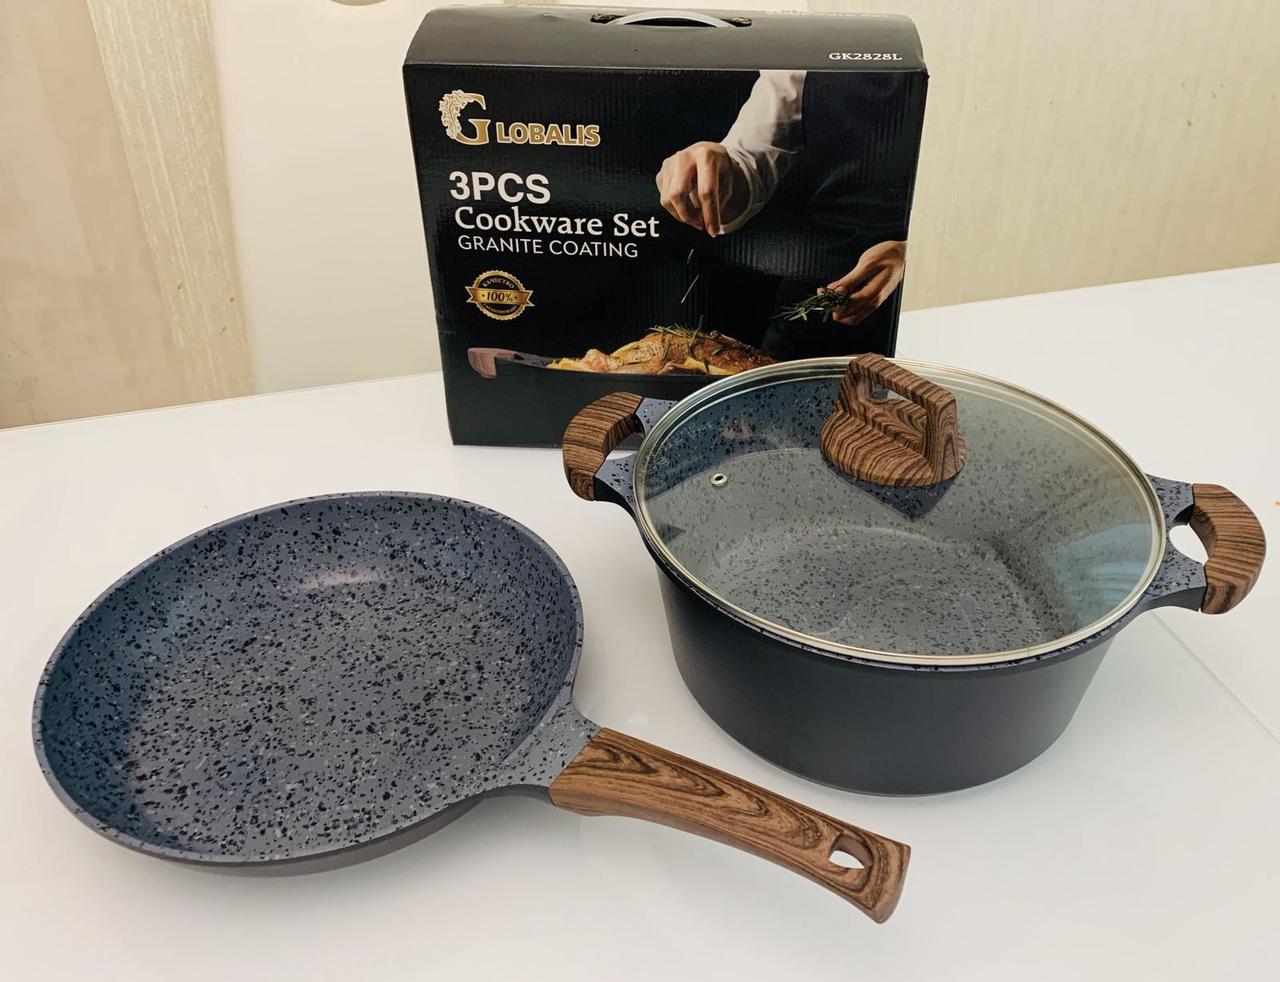 Набор посуды из 3 предмедов GLOBALIS 6 литров кастрюля  Мраморное антопригарное покрытие